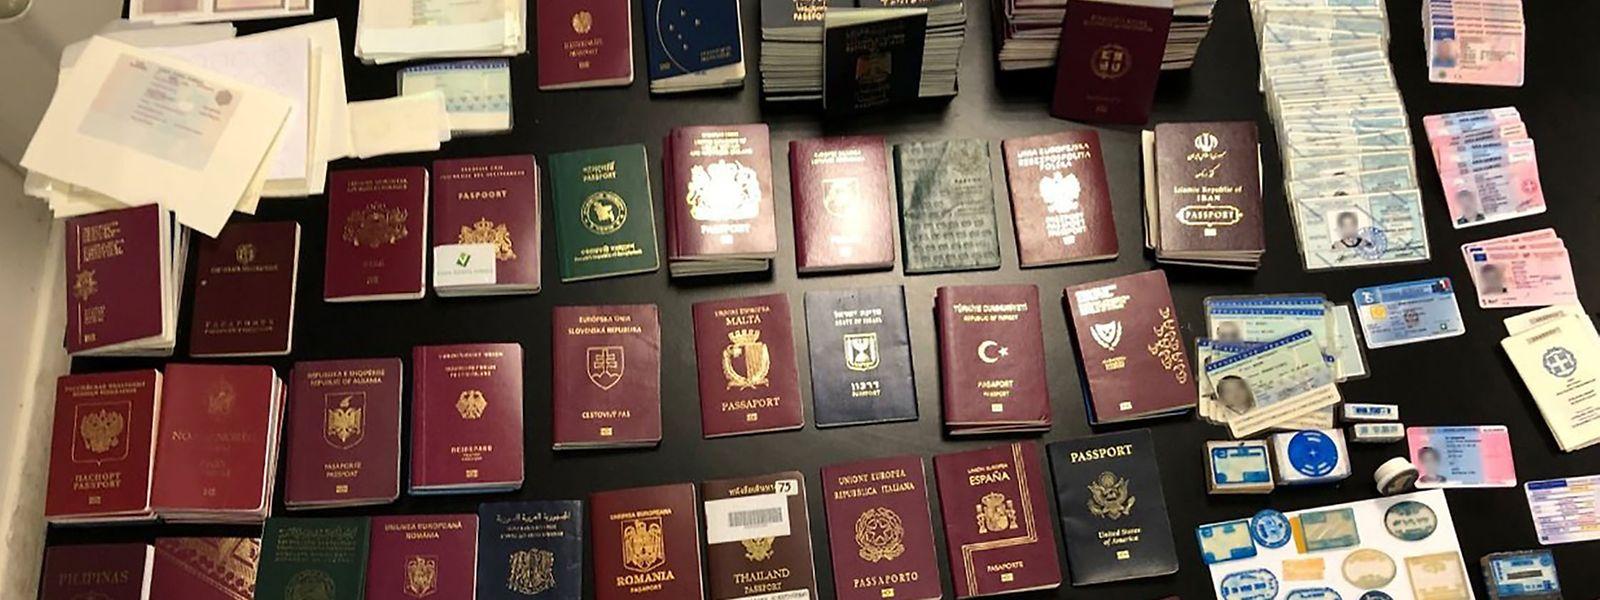 Für fast jeden hatten die Schleuser ein passendes Reisedokument